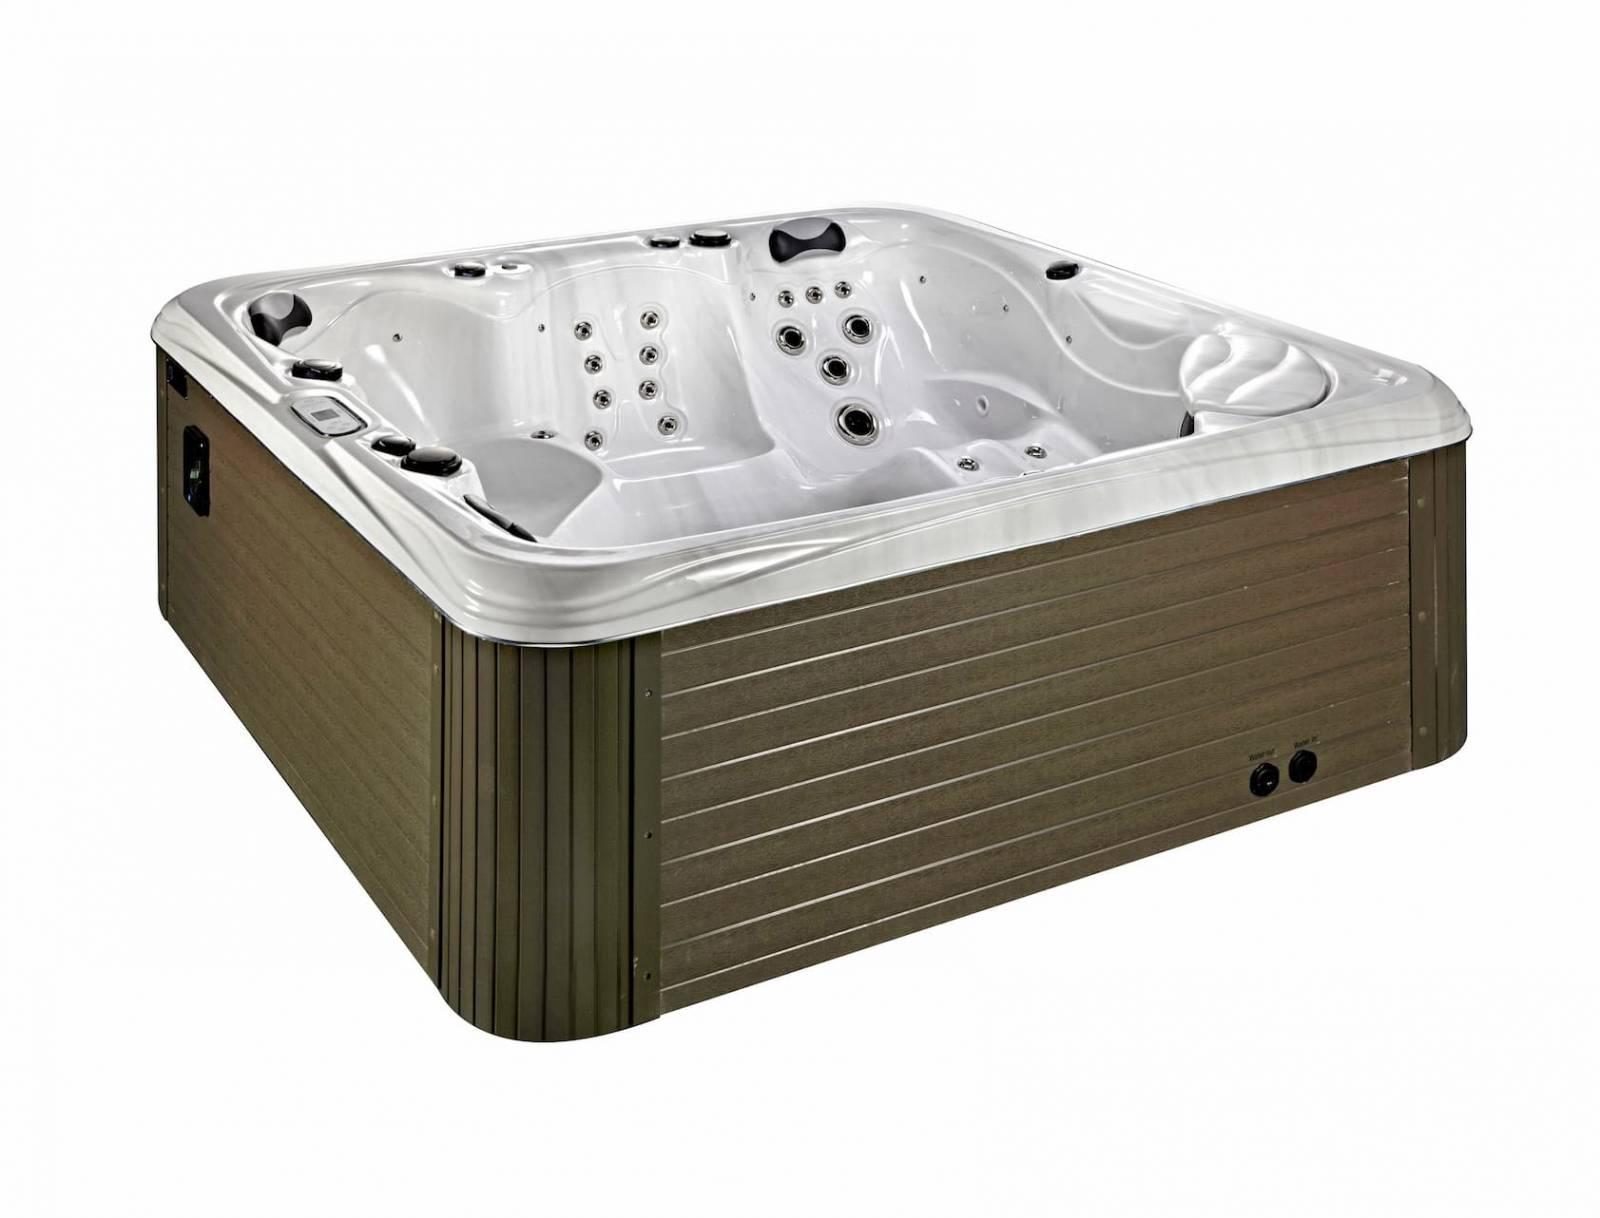 spa coque baleares 50 jets vente de piscine coque martigues neptune piscines par les eaux. Black Bedroom Furniture Sets. Home Design Ideas